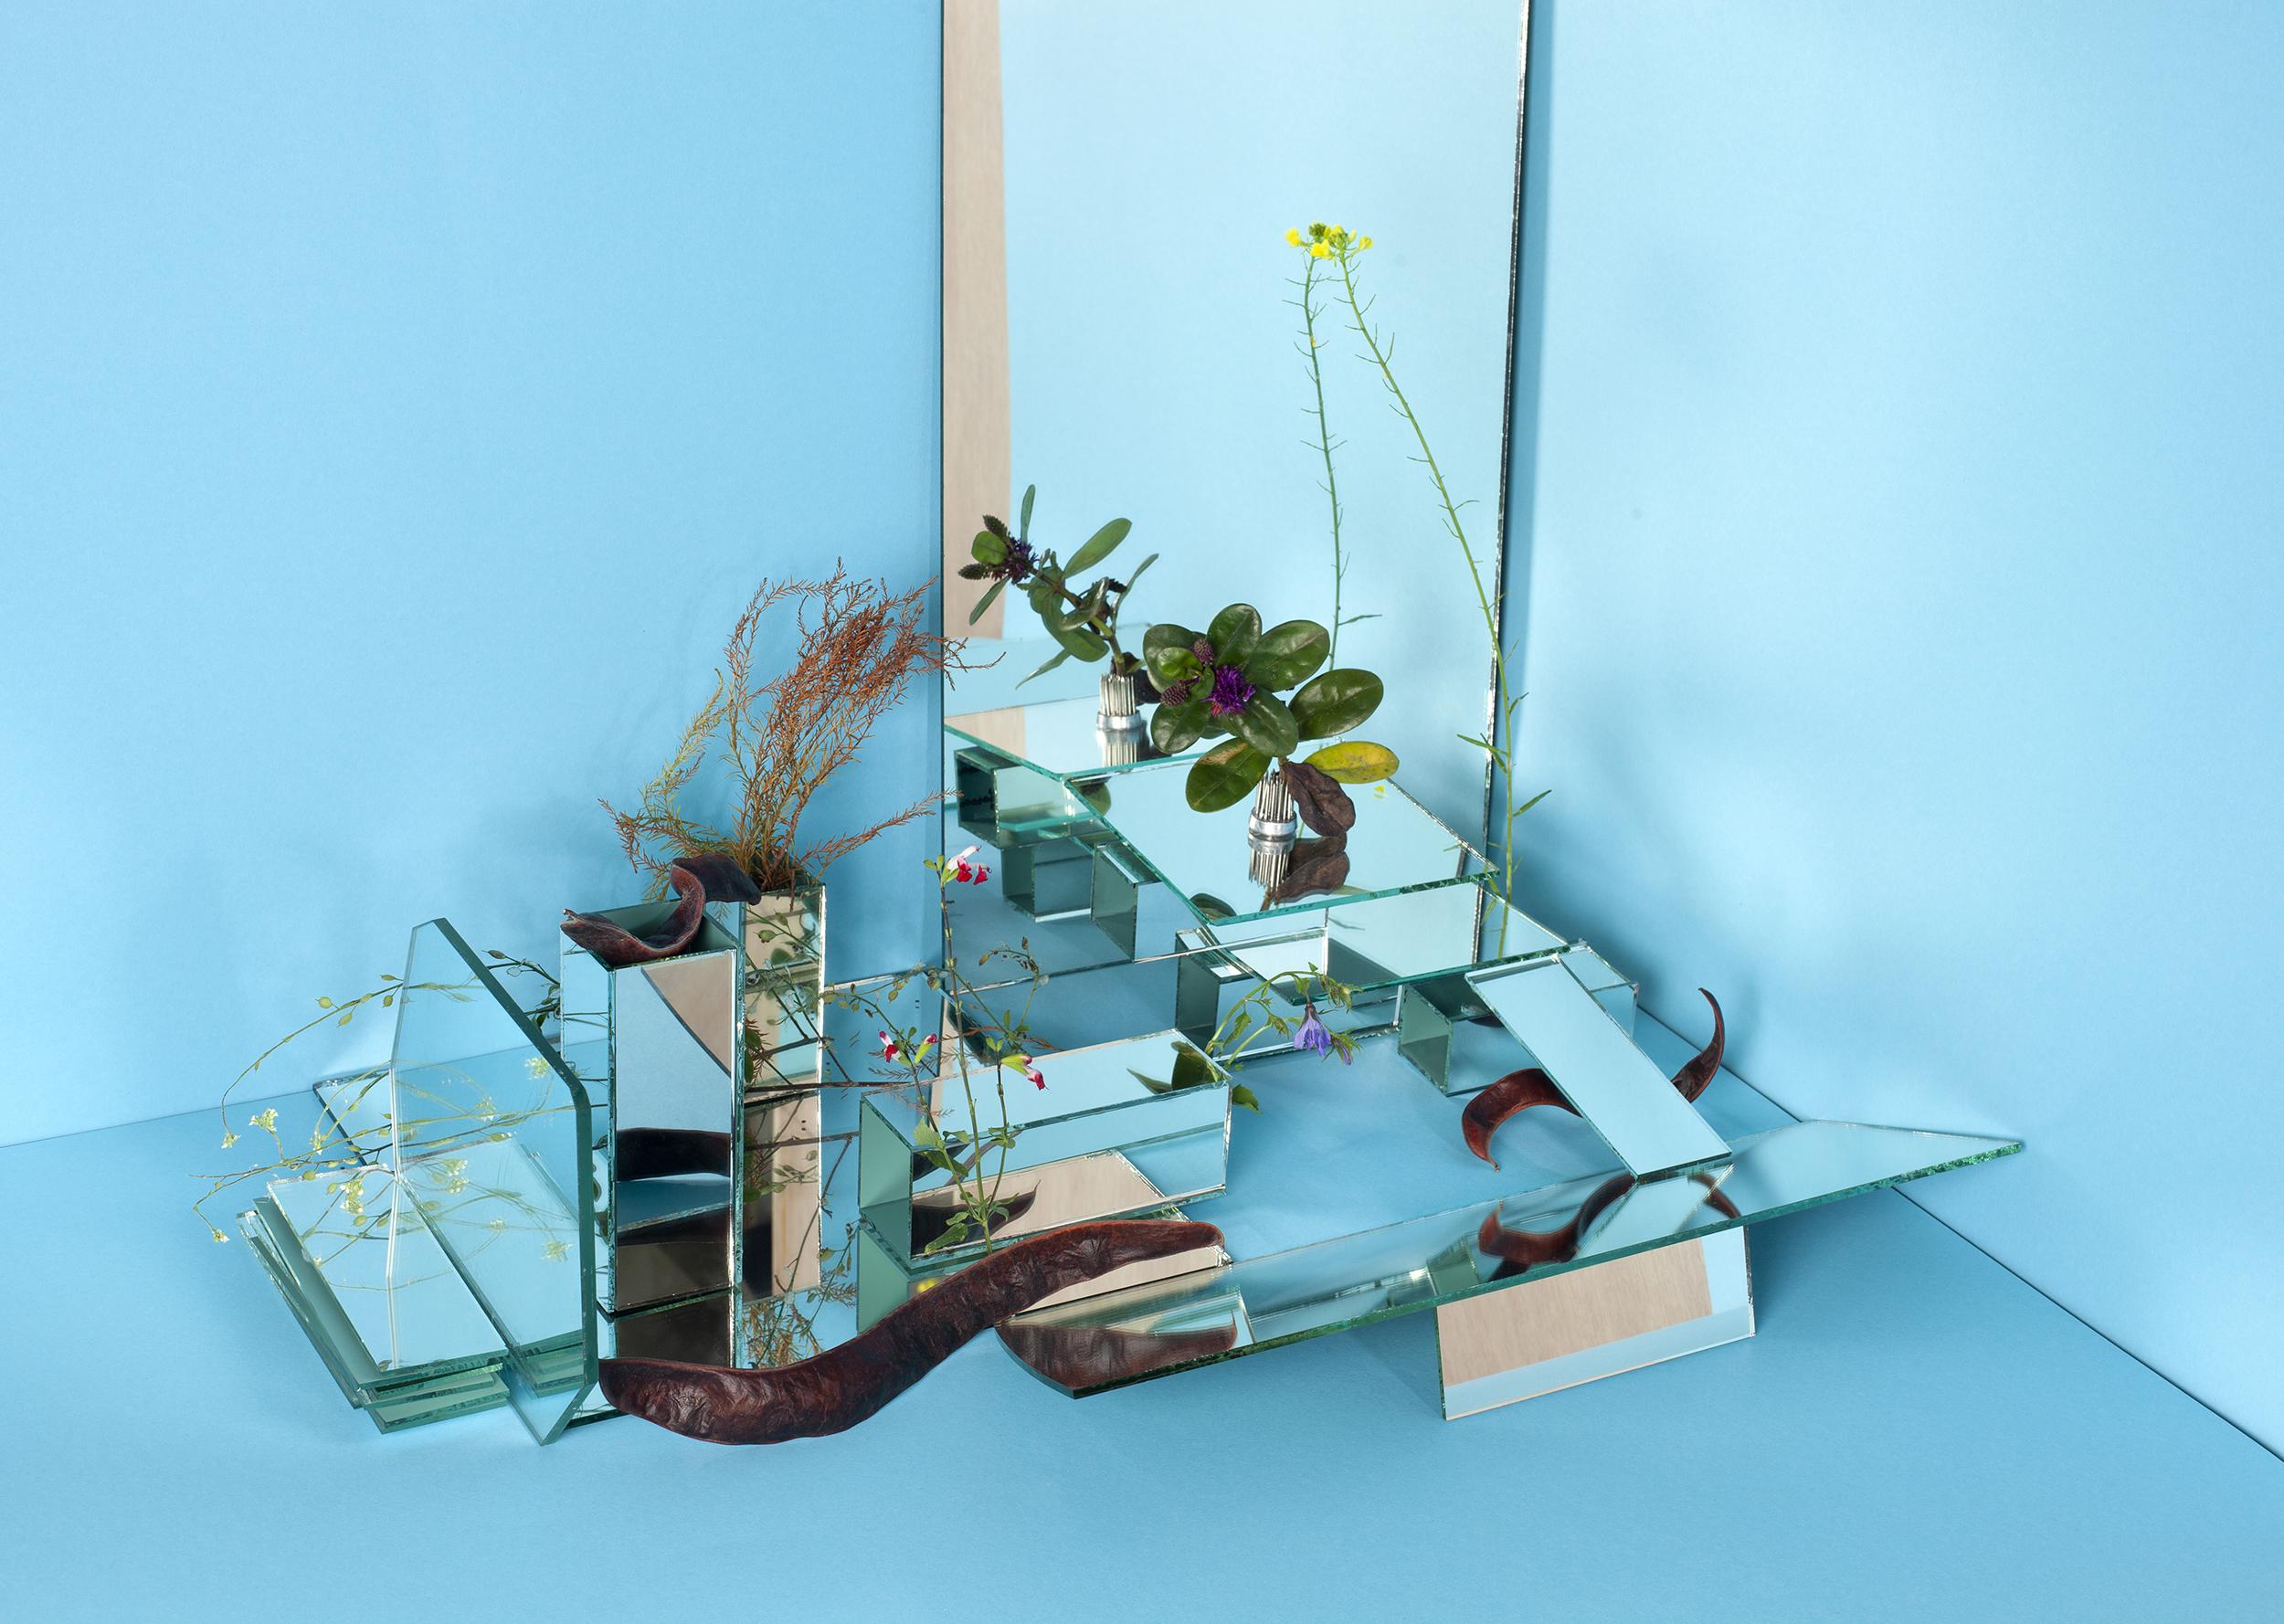 Hortus by Lilia Luganskaia